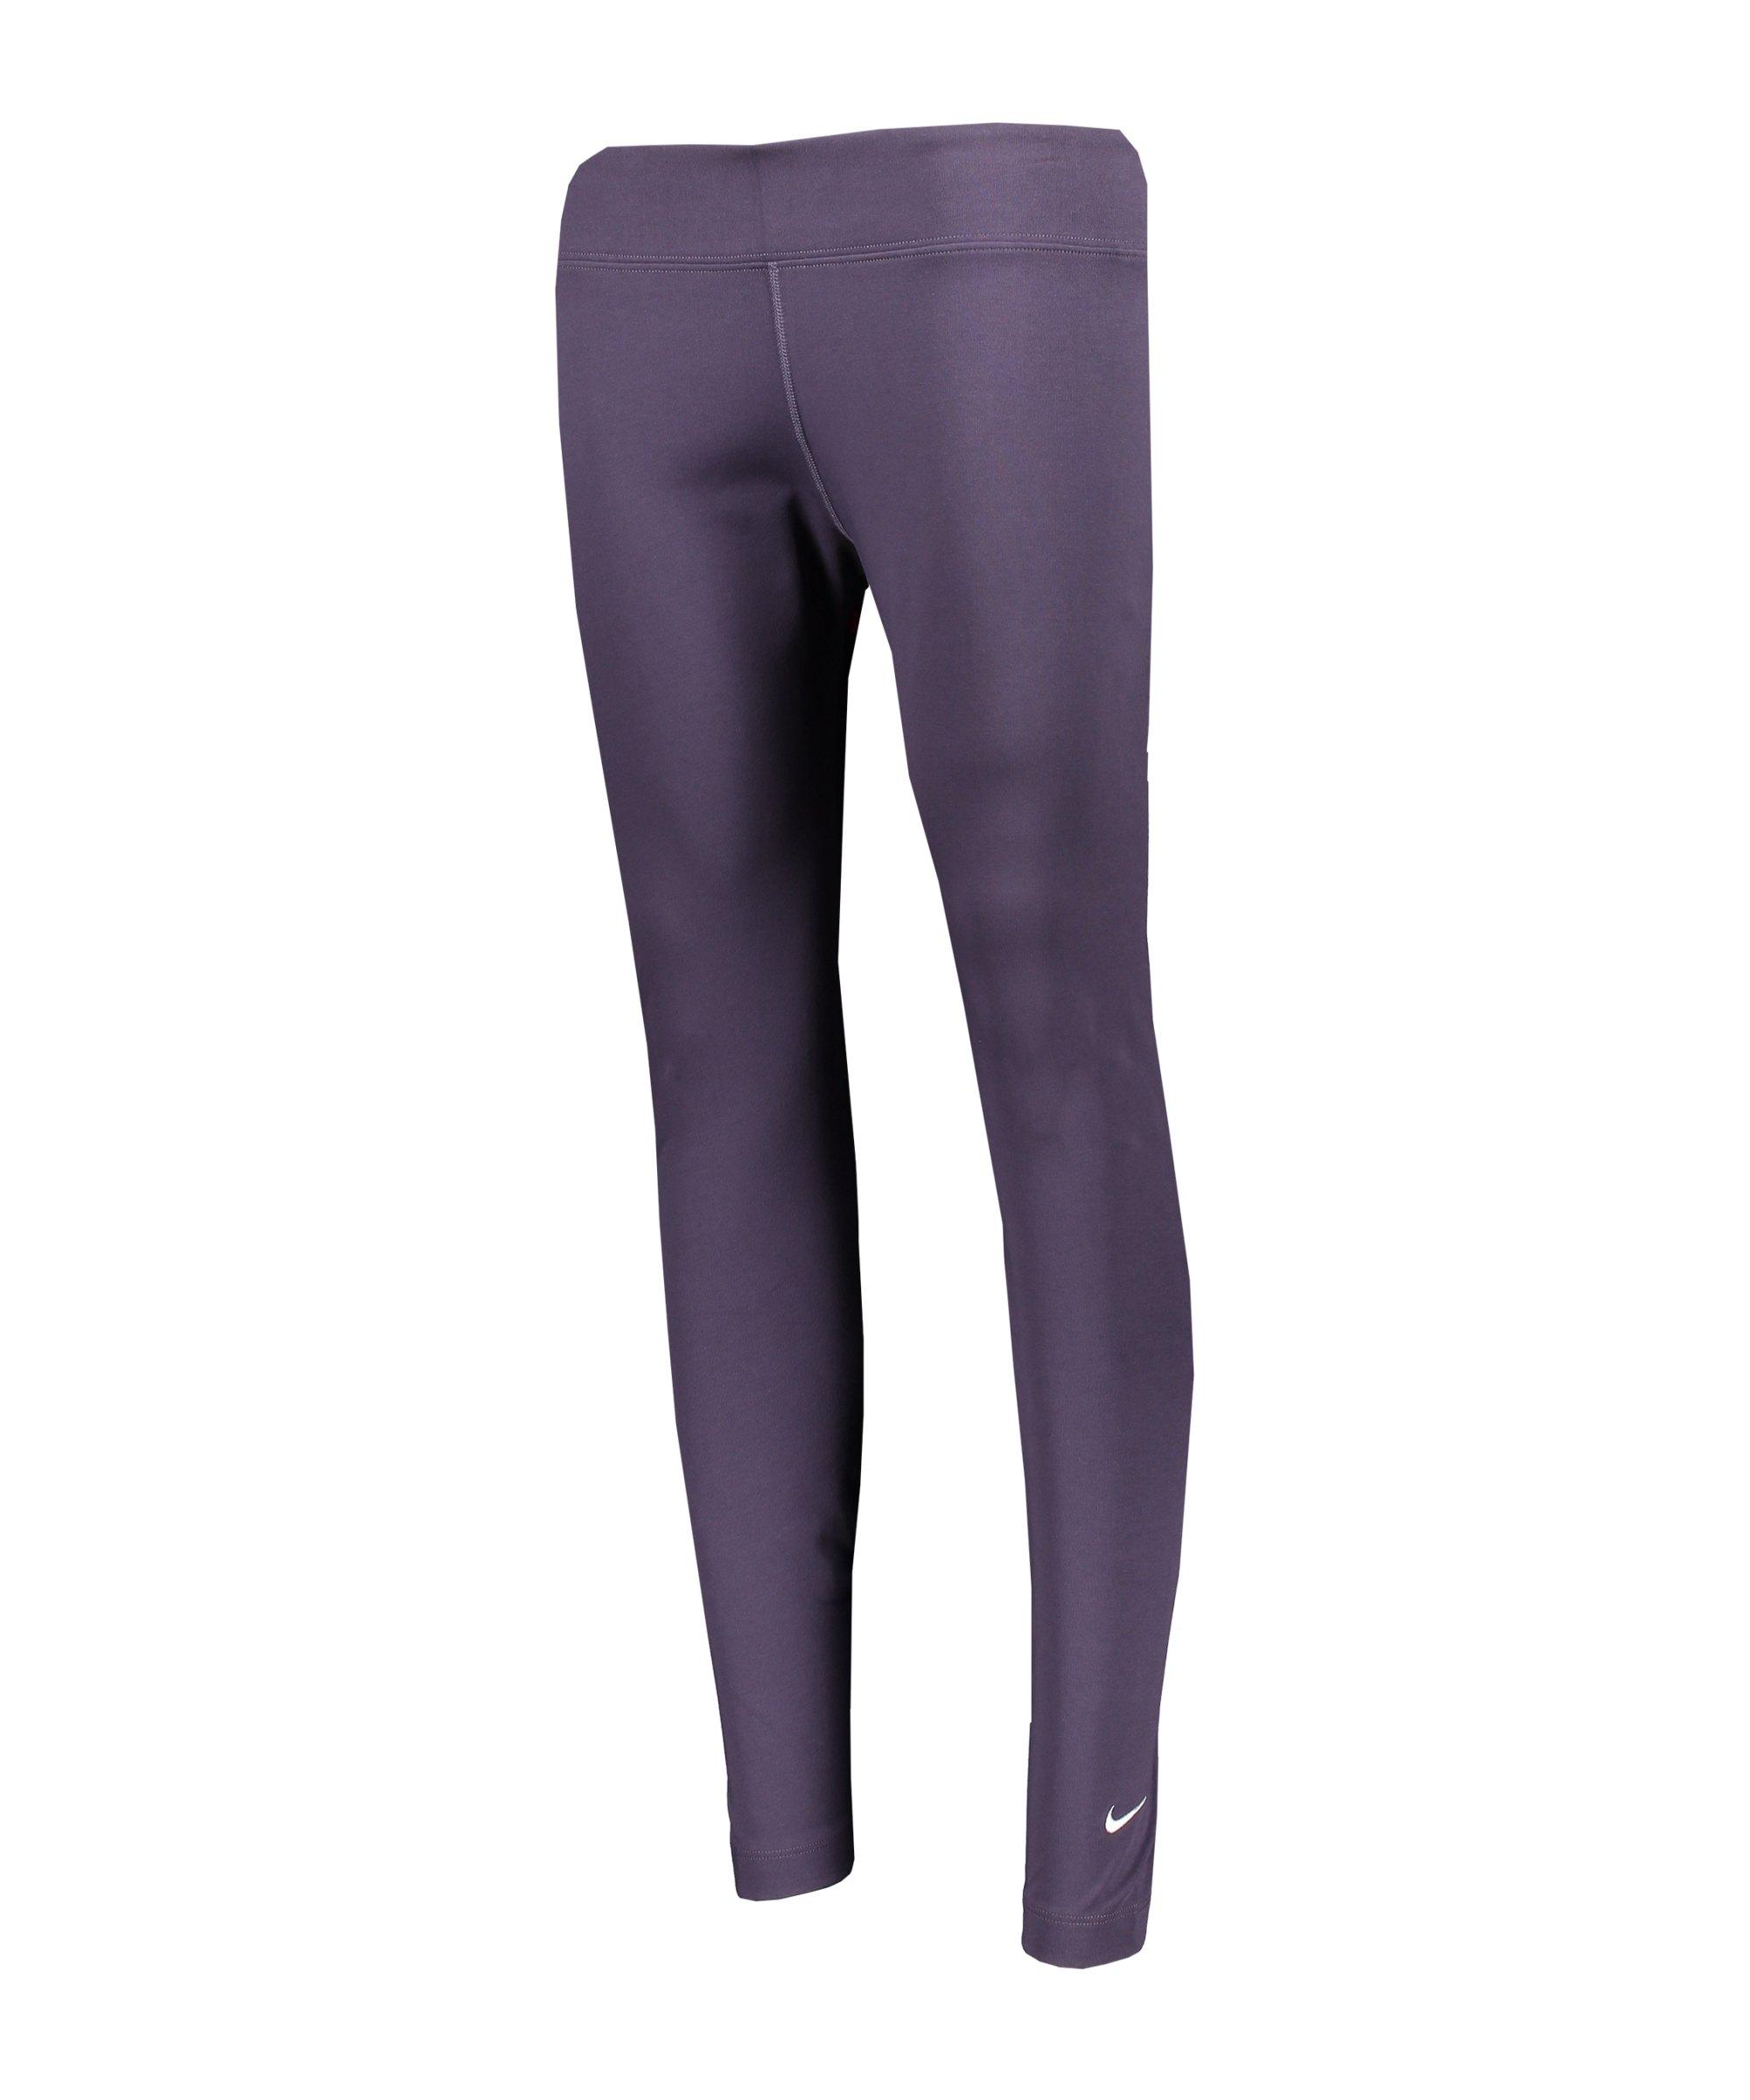 Nike Essentials 7/8 Leggings Damen Lila Weiss F573 - lila